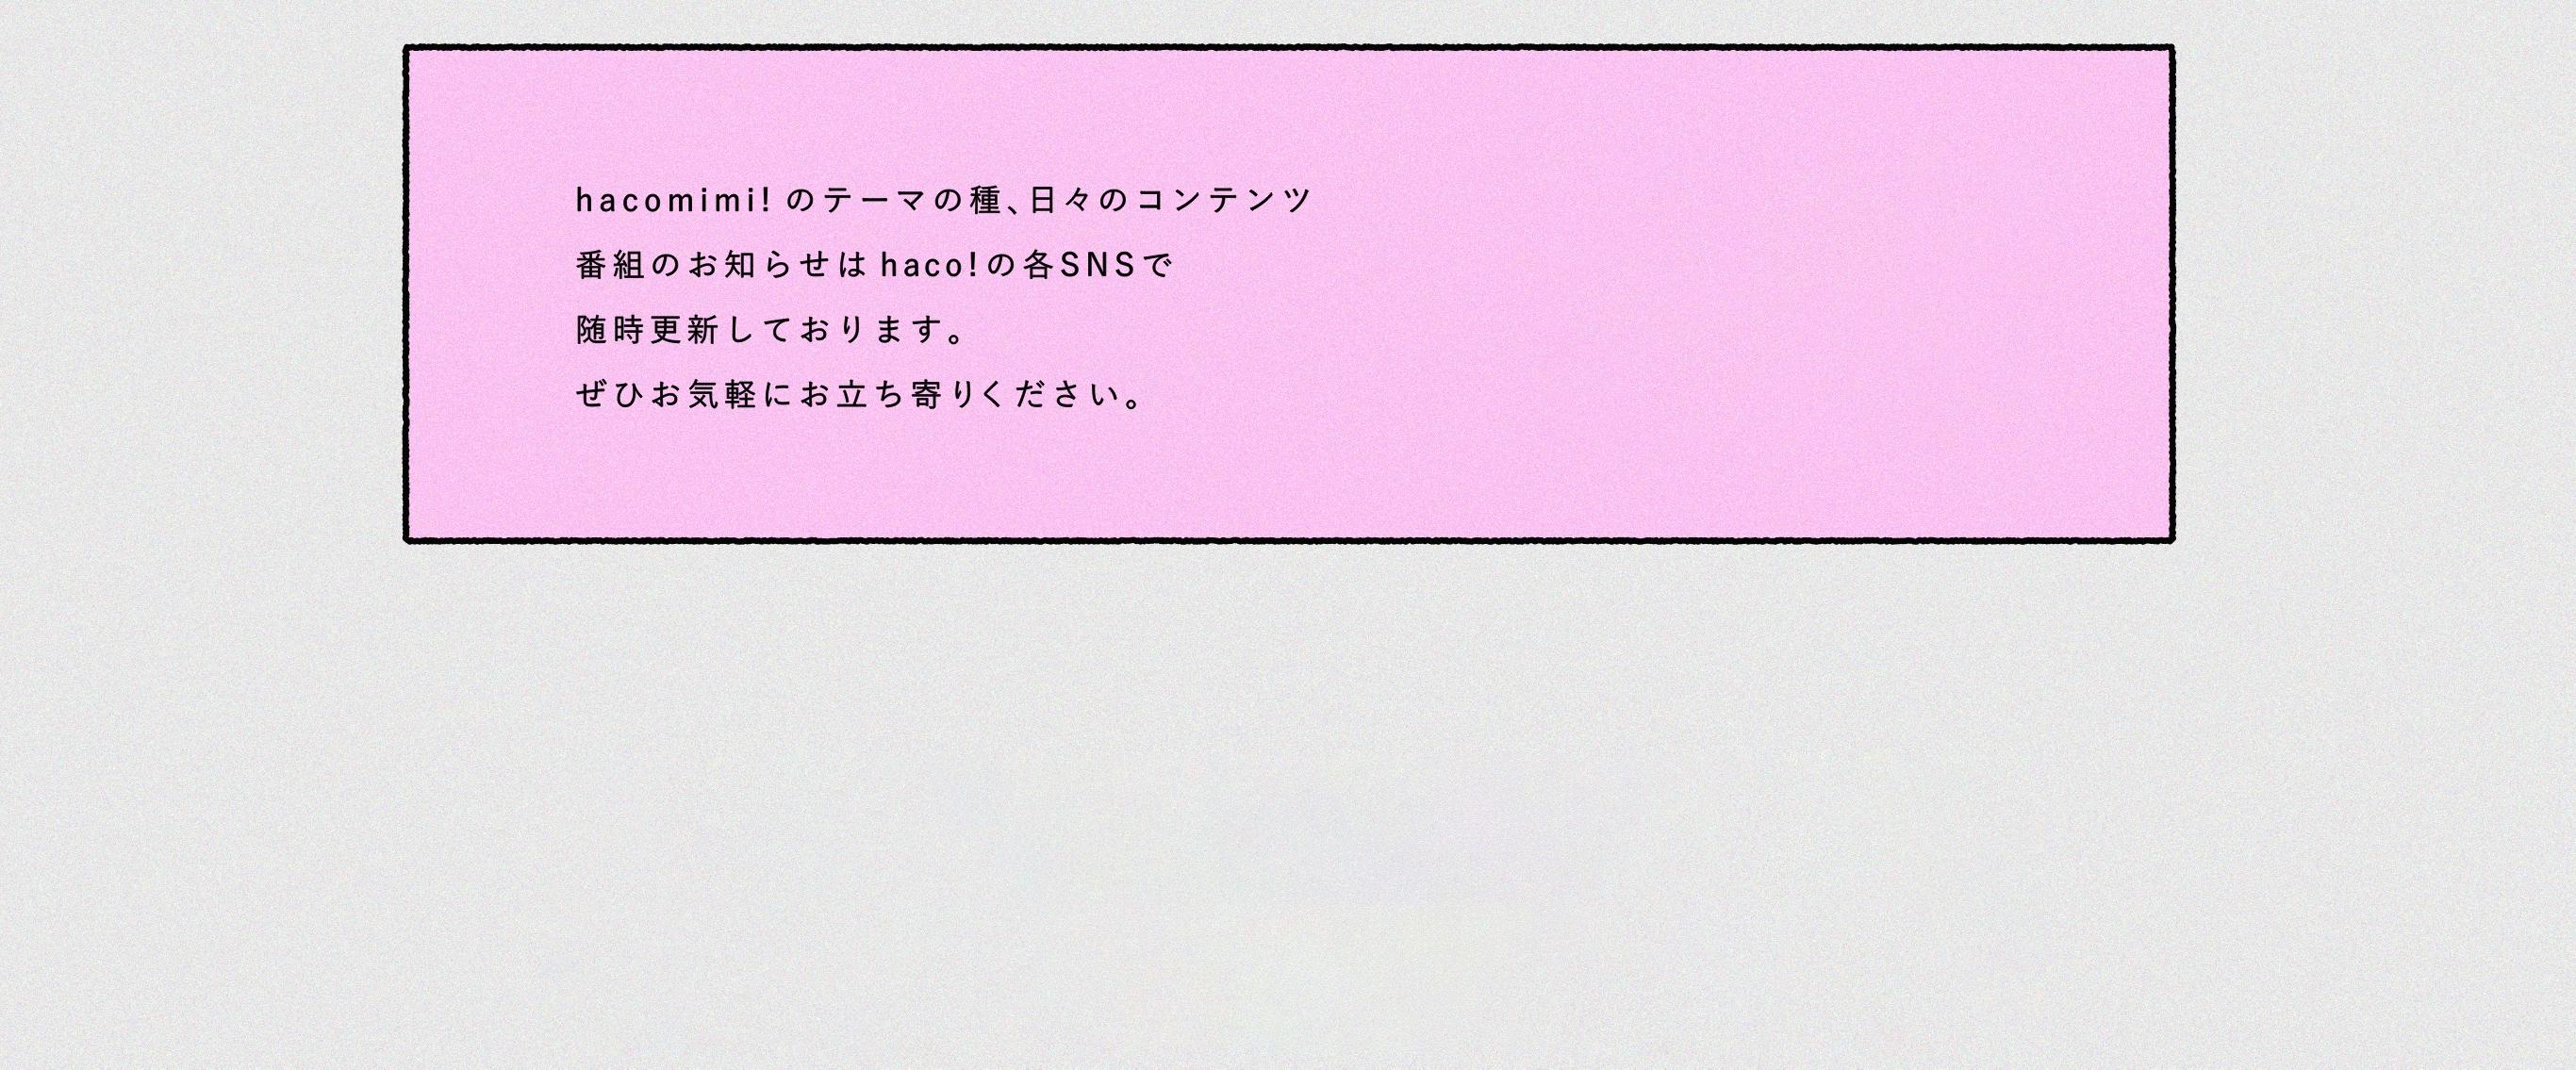 hacomimi!のテーマの種、日々のコンテンツ 番組のお知らせはhaco! の各SNSで随時更新しております。ぜひお気軽にお立ち寄りください。